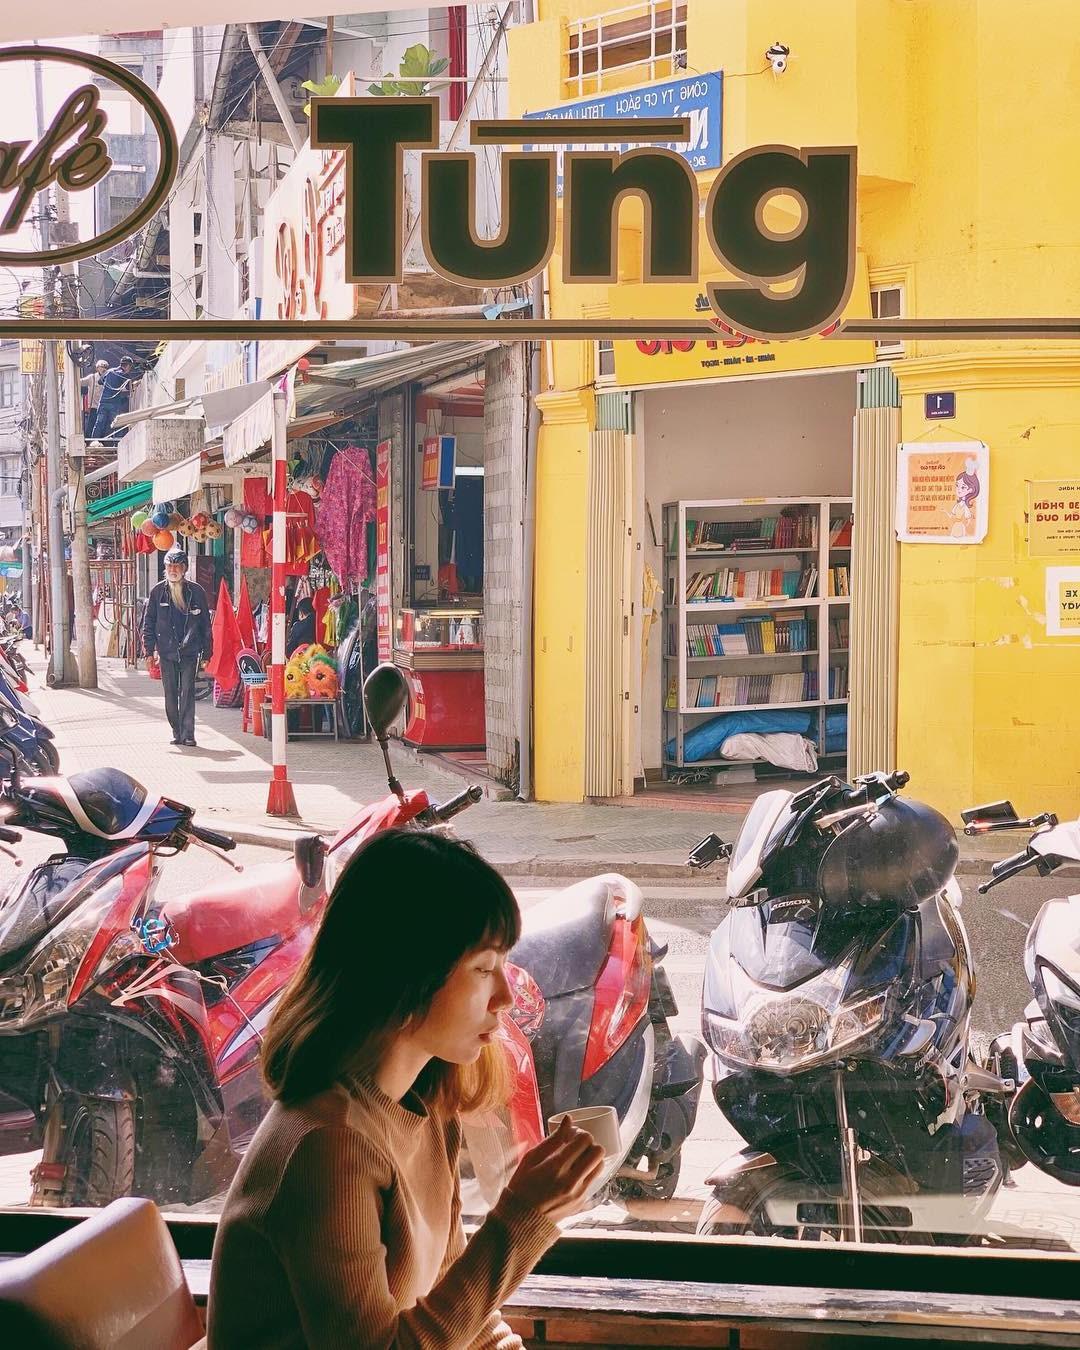 Cafe Tùng và những miền ký ức chưa kể về một hồn thơ Đà Lạt rất riêng, rất cũ giữa thời hiện đại! - Ảnh 1.